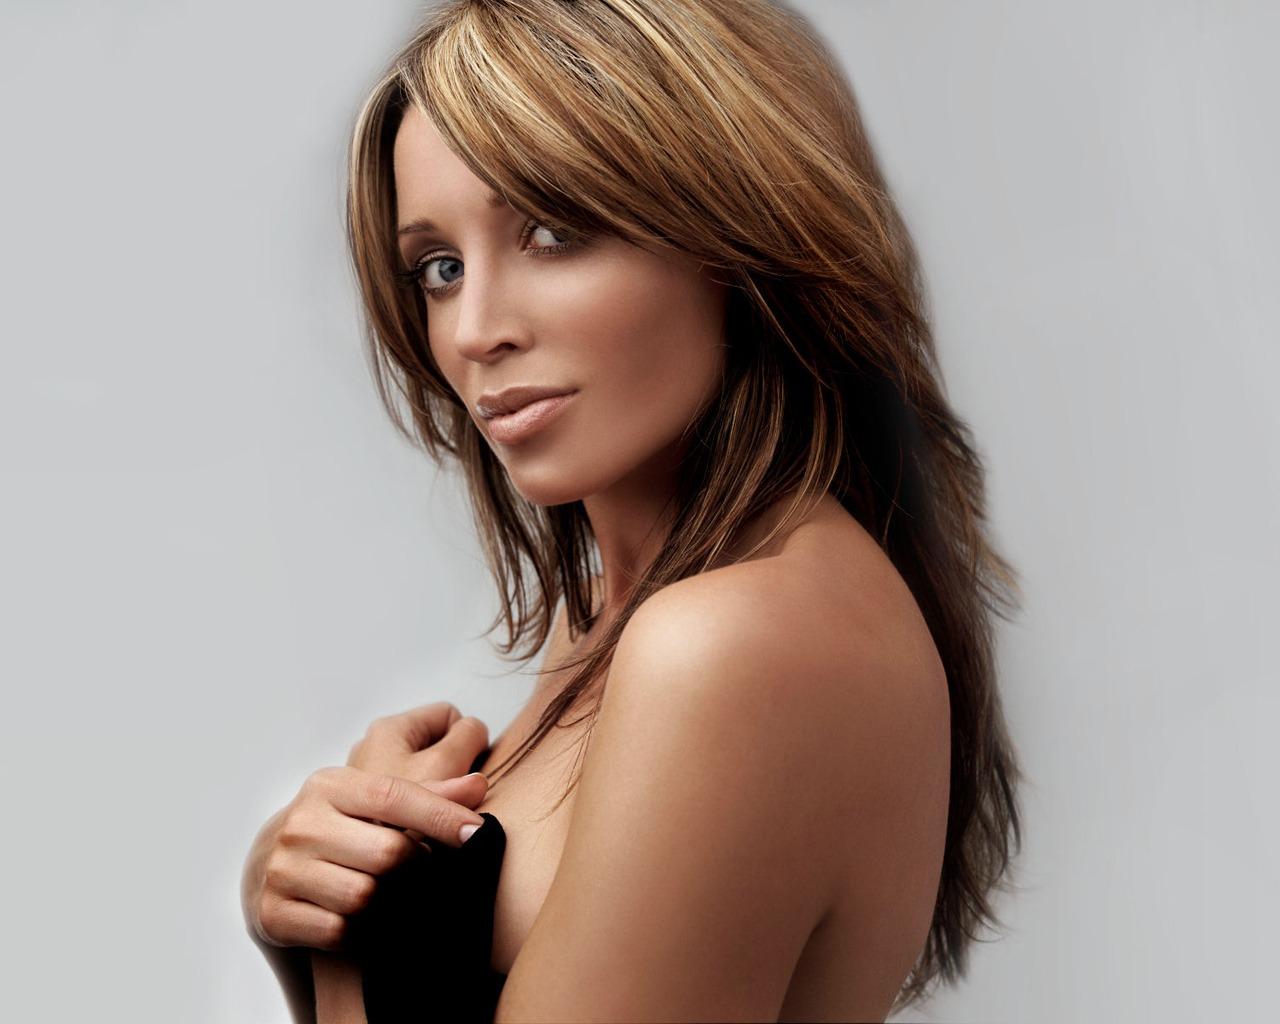 http://3.bp.blogspot.com/--KXWcOezip0/T1cEIc-wayI/AAAAAAAADYQ/PSHJ9bZWBXw/s1600/Dannii+Minogue+%281%29.jpg